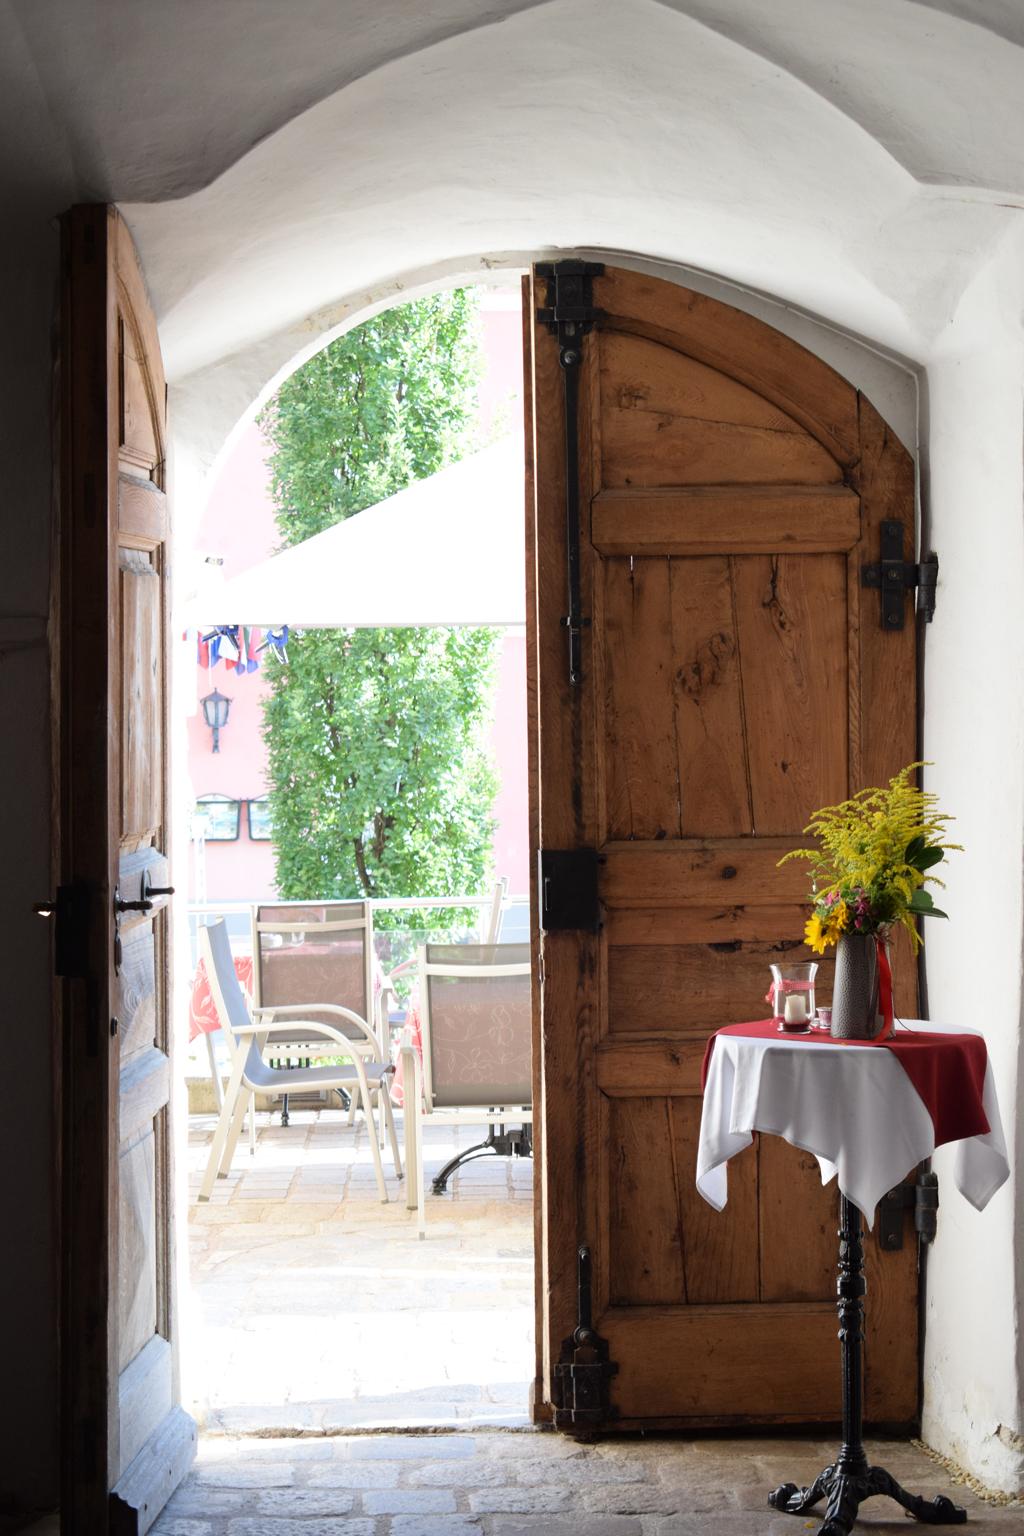 Oberstbergmeisteramt - Unser Haus